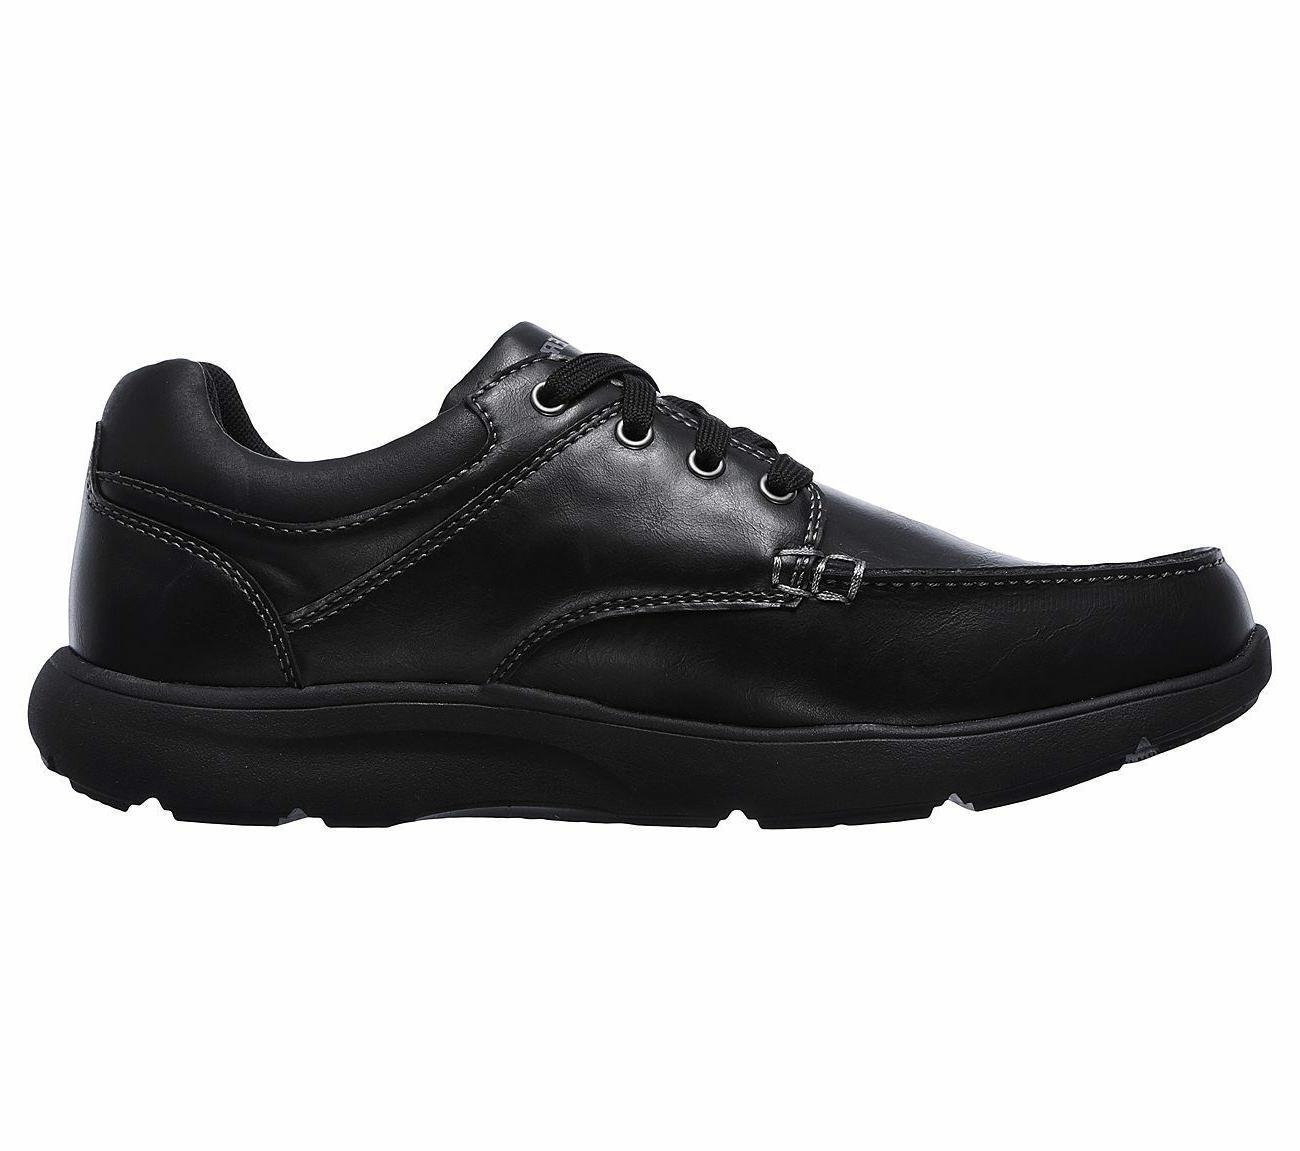 65325 Black Skechers Men Foam Comfort Dress Oxford